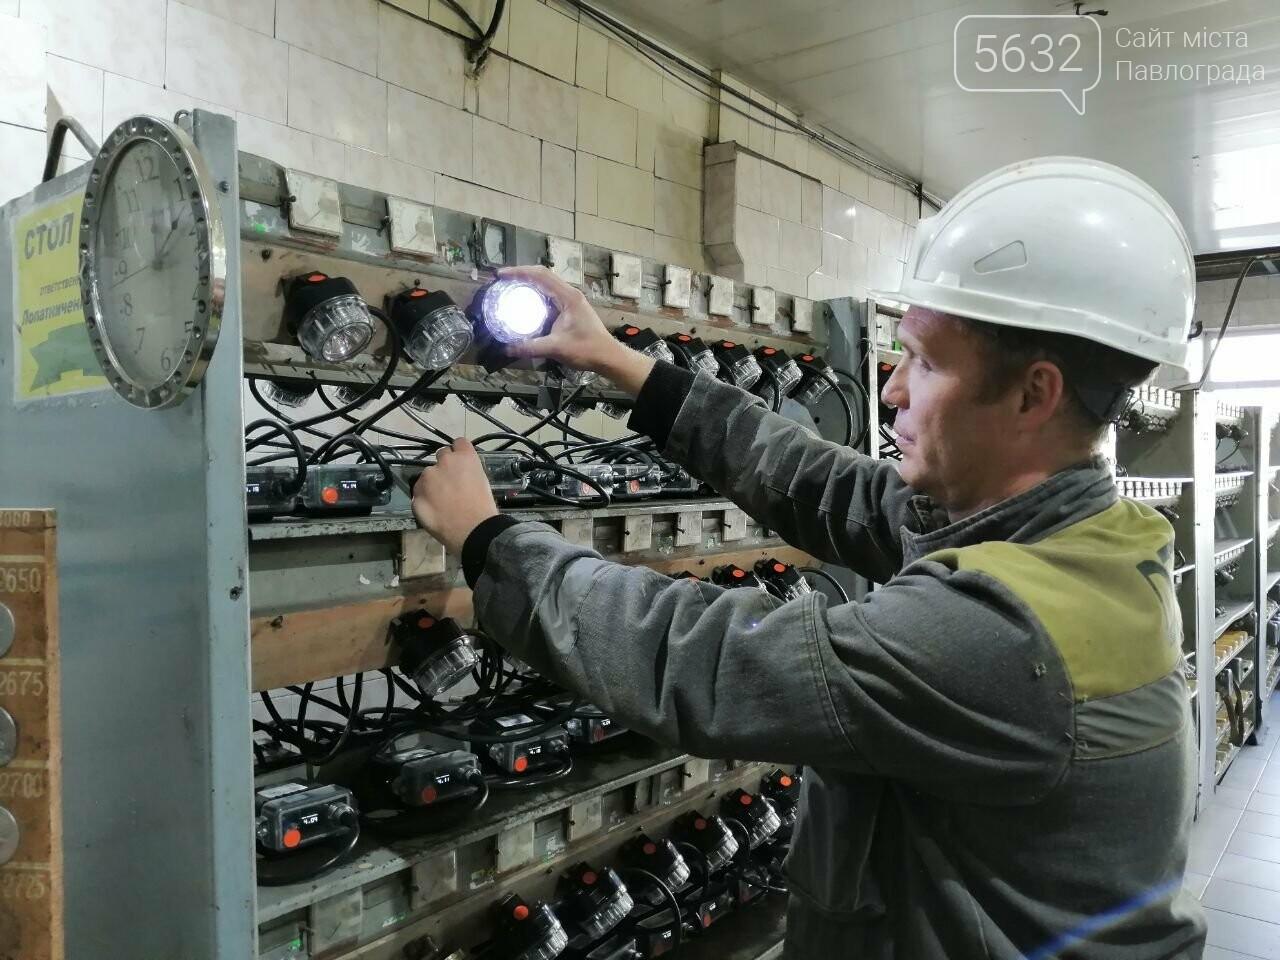 На одной из шахт Западного Донбасса внедрили цифровую систему позиционирования для повышения безопасности шахтеров , фото-2